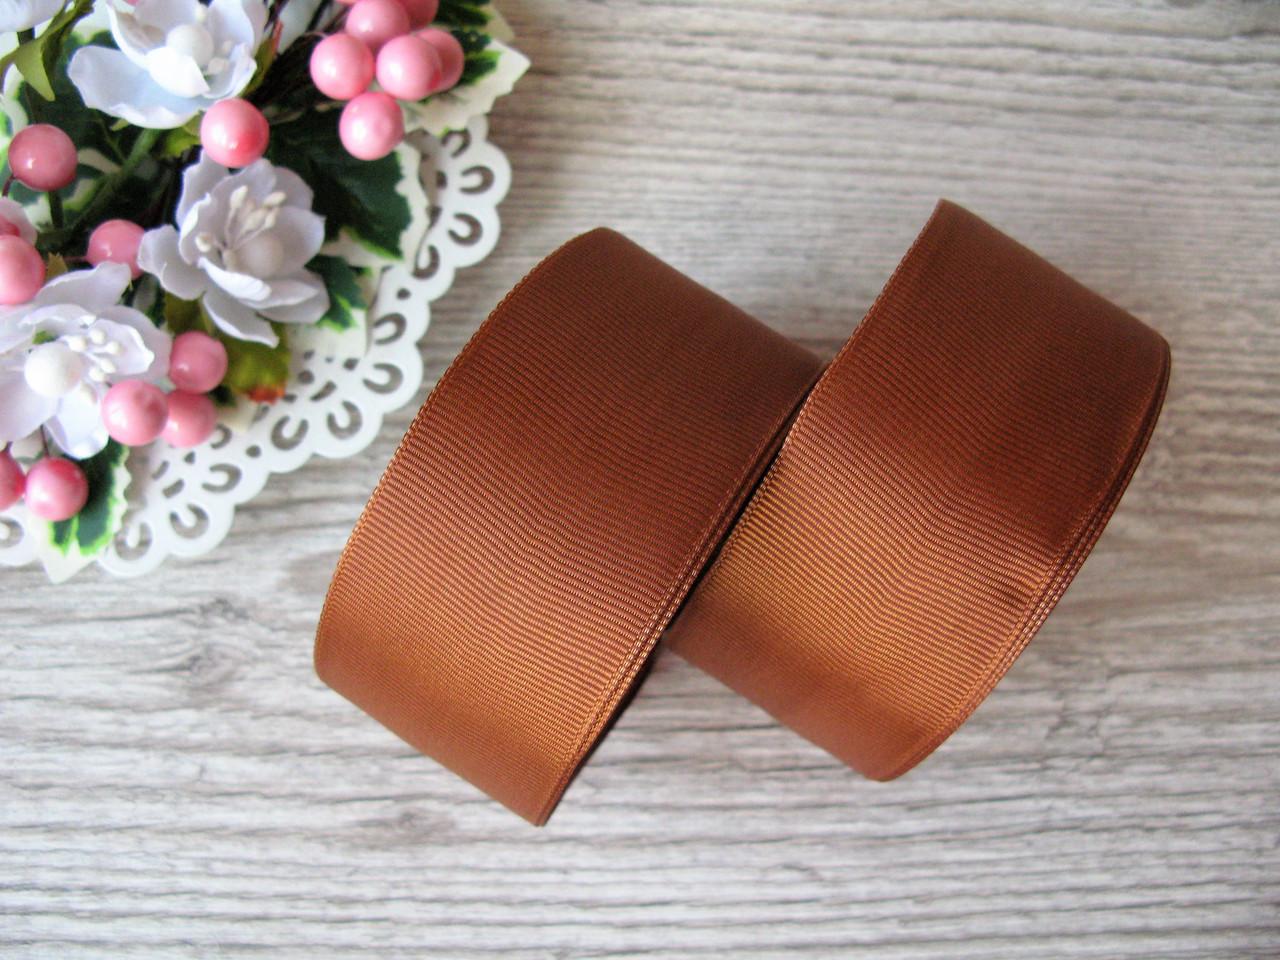 Лента репсовая, на метраж, ширина 4 см, цвет коричневый, 4 грн за метр.